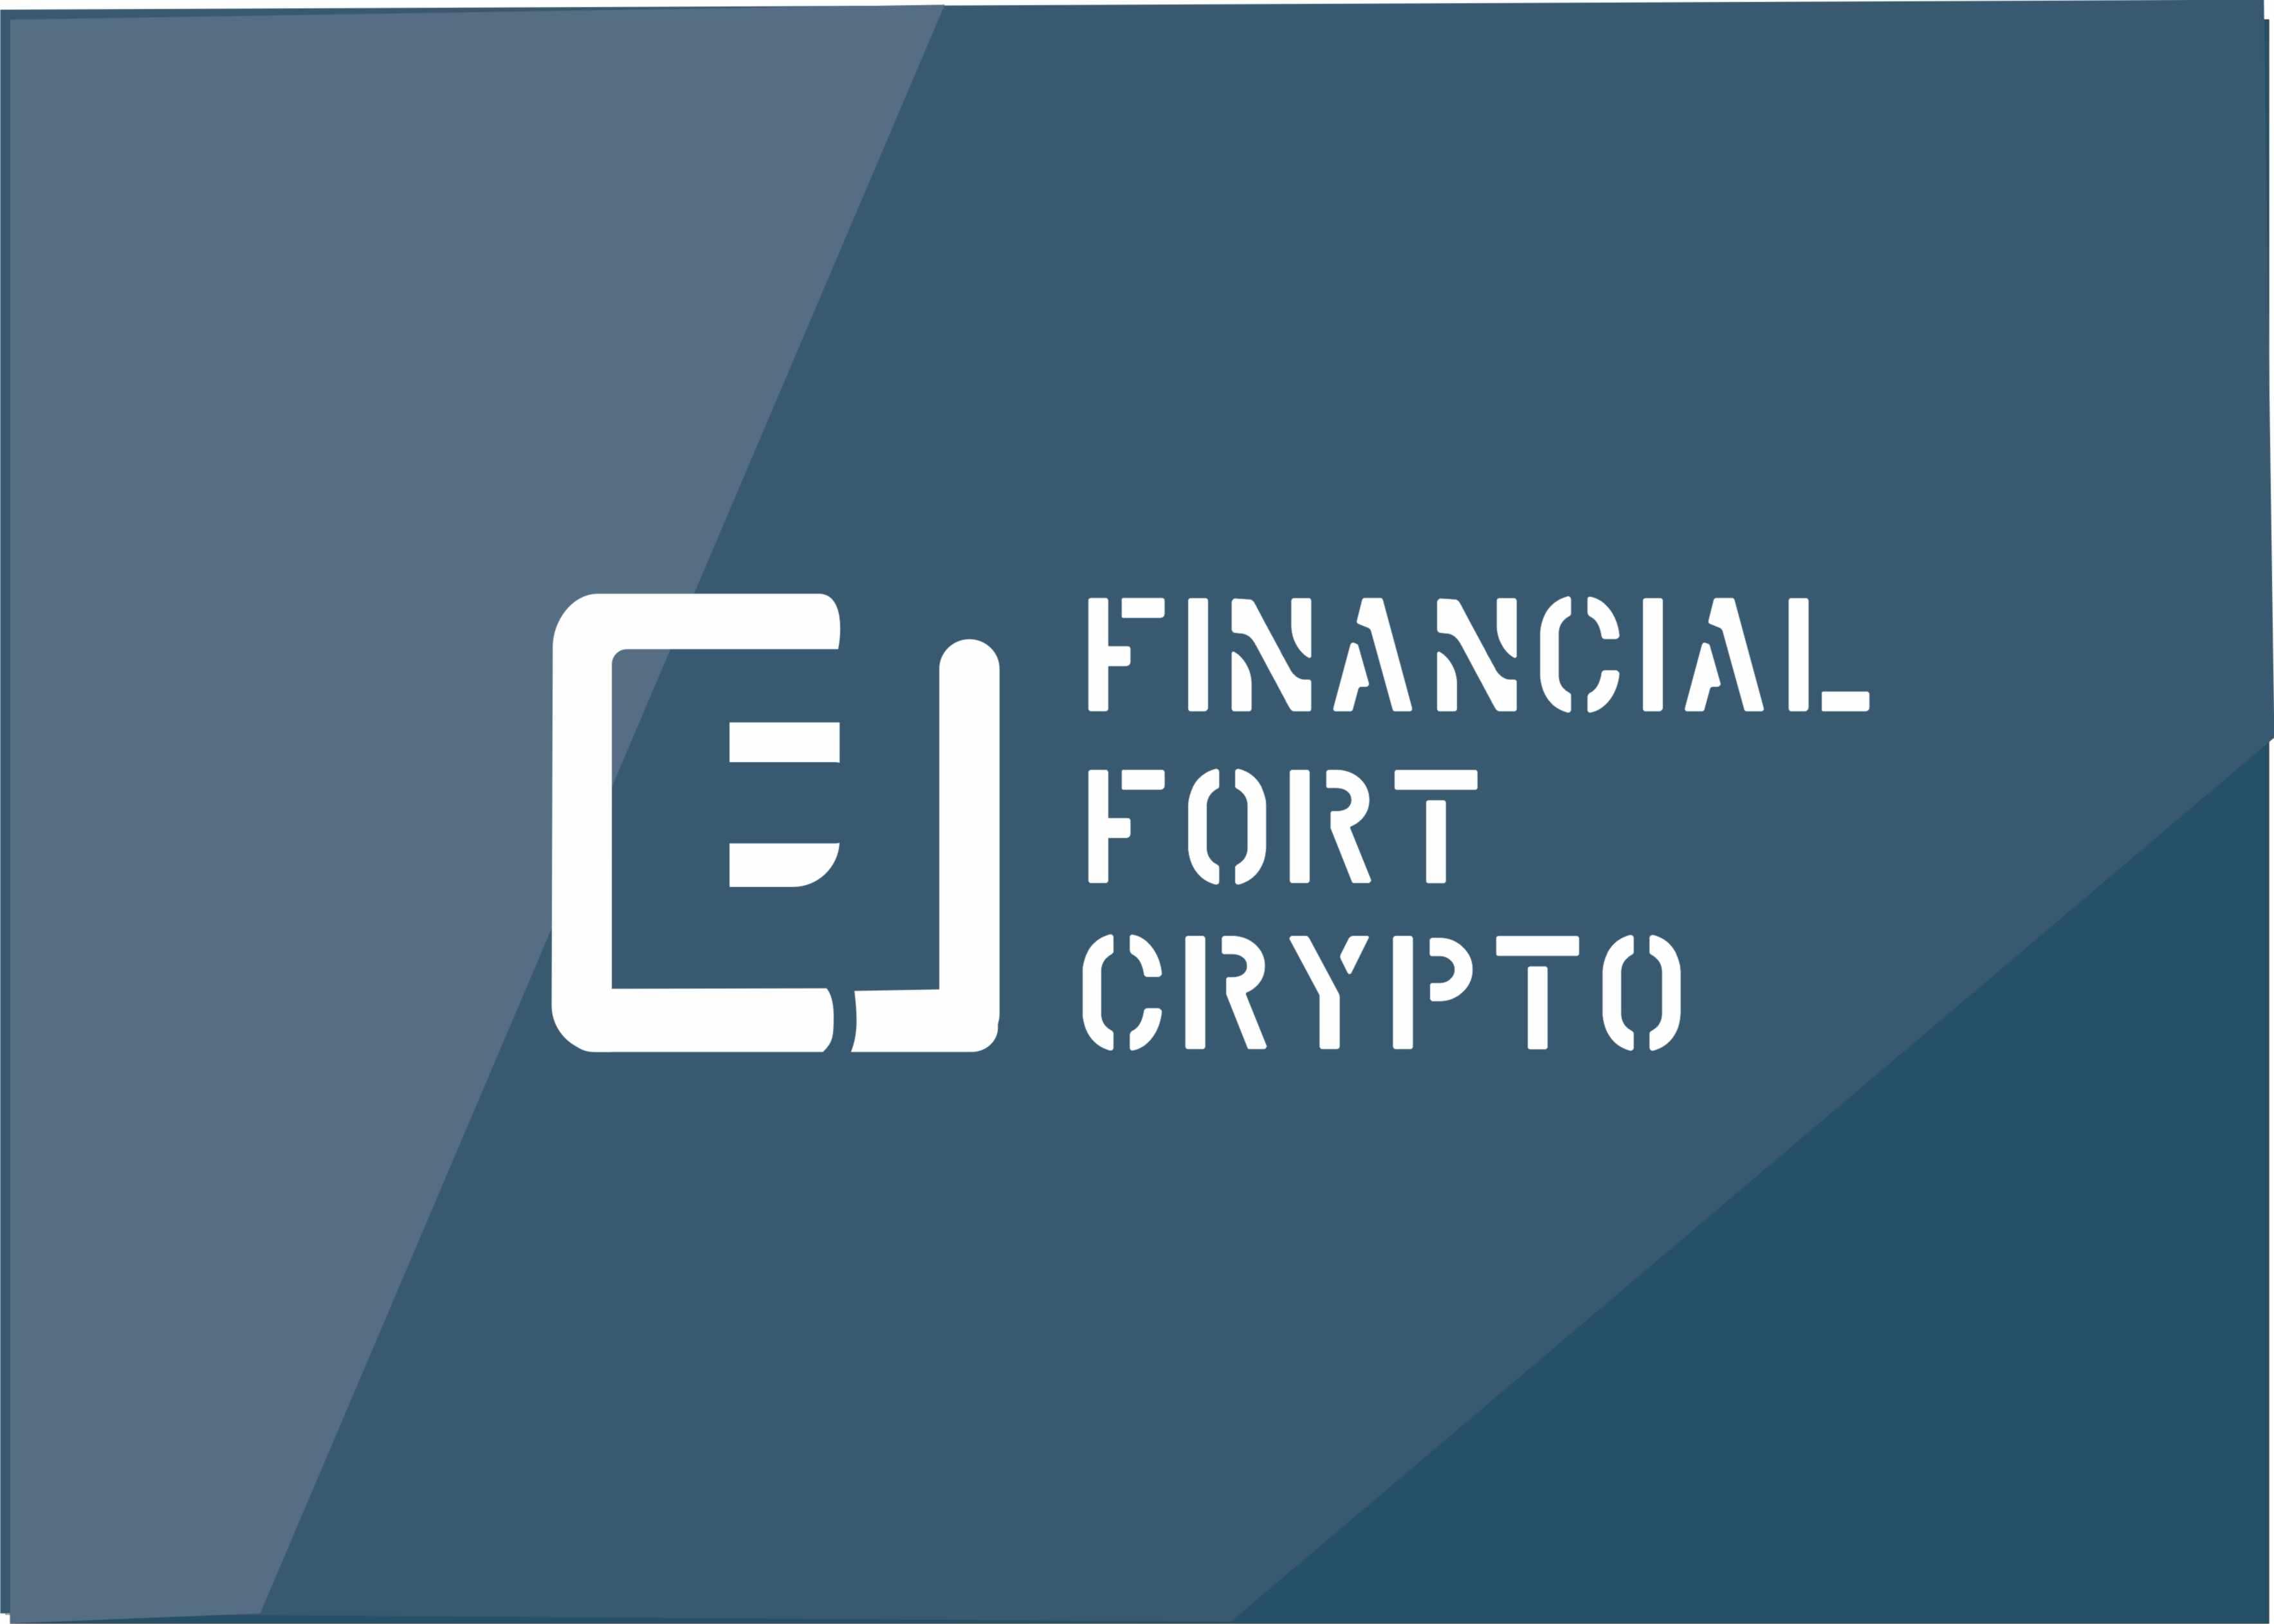 Разработка логотипа финансовой компании фото f_5875a8efc438ea5c.jpg